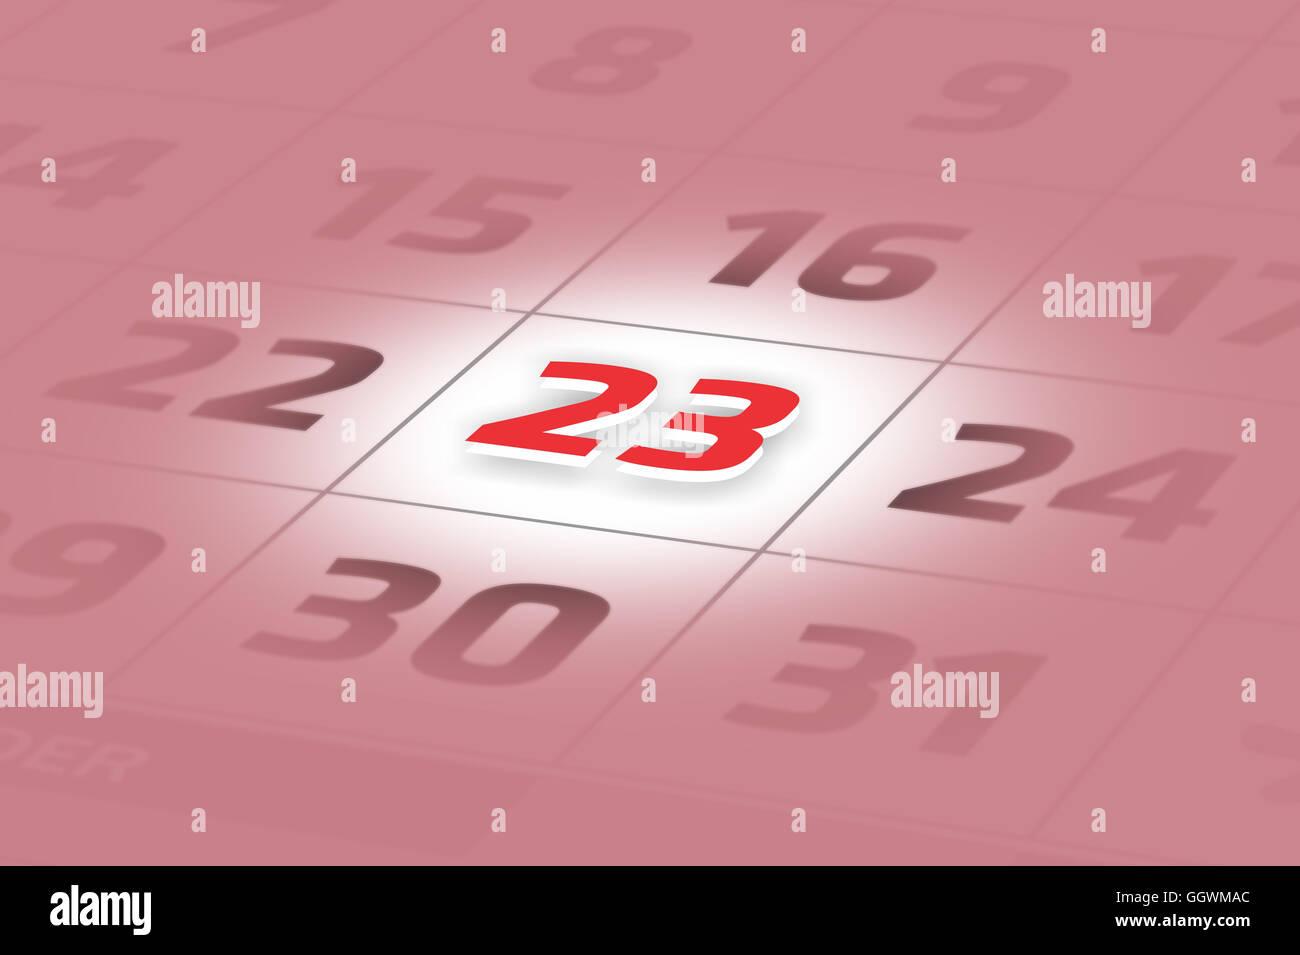 Calendario Particolare.Illustrazione Del Calendario Con Una Data Particolare